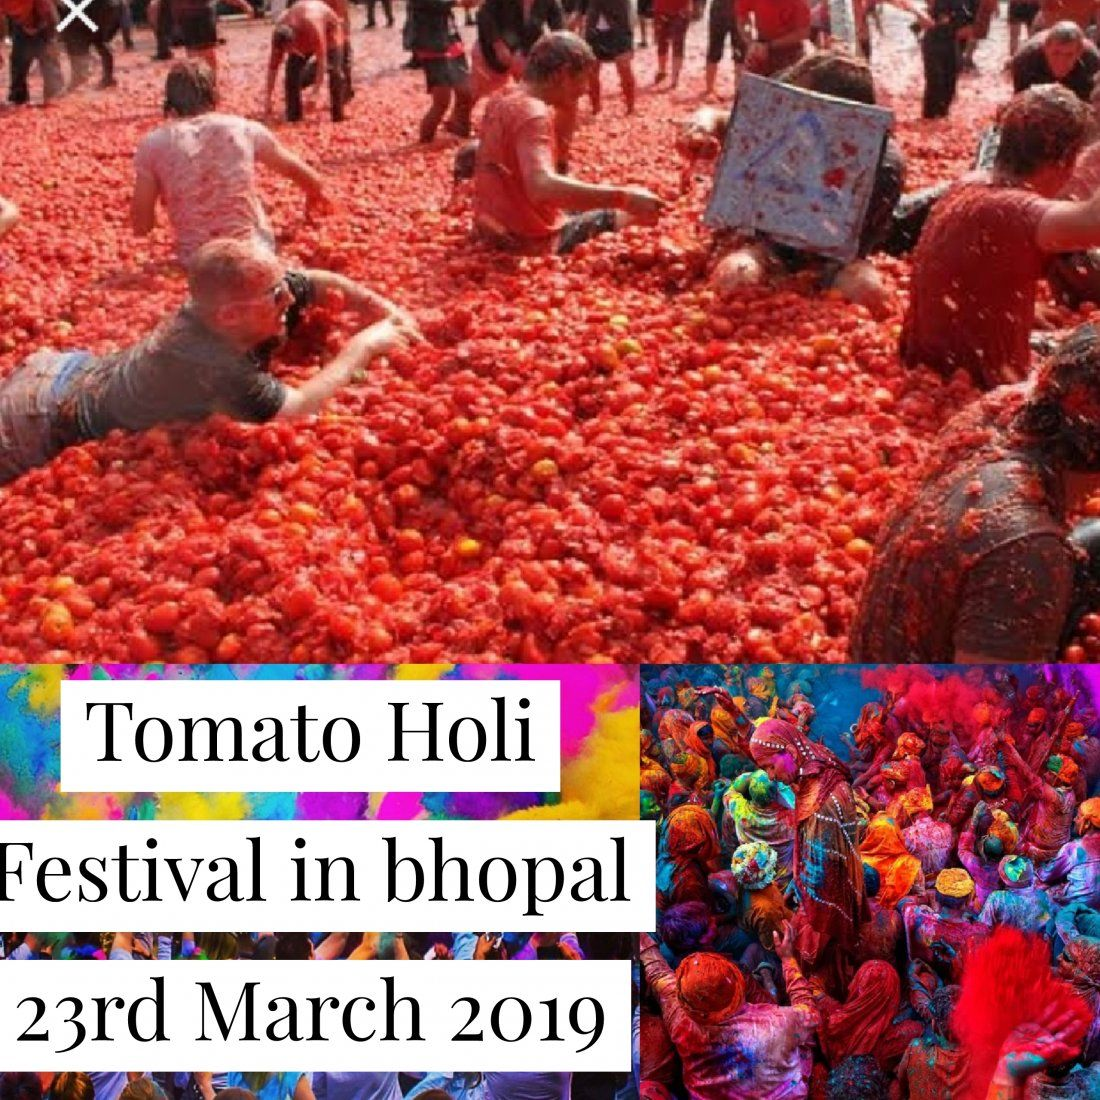 Tomato Holi Festival